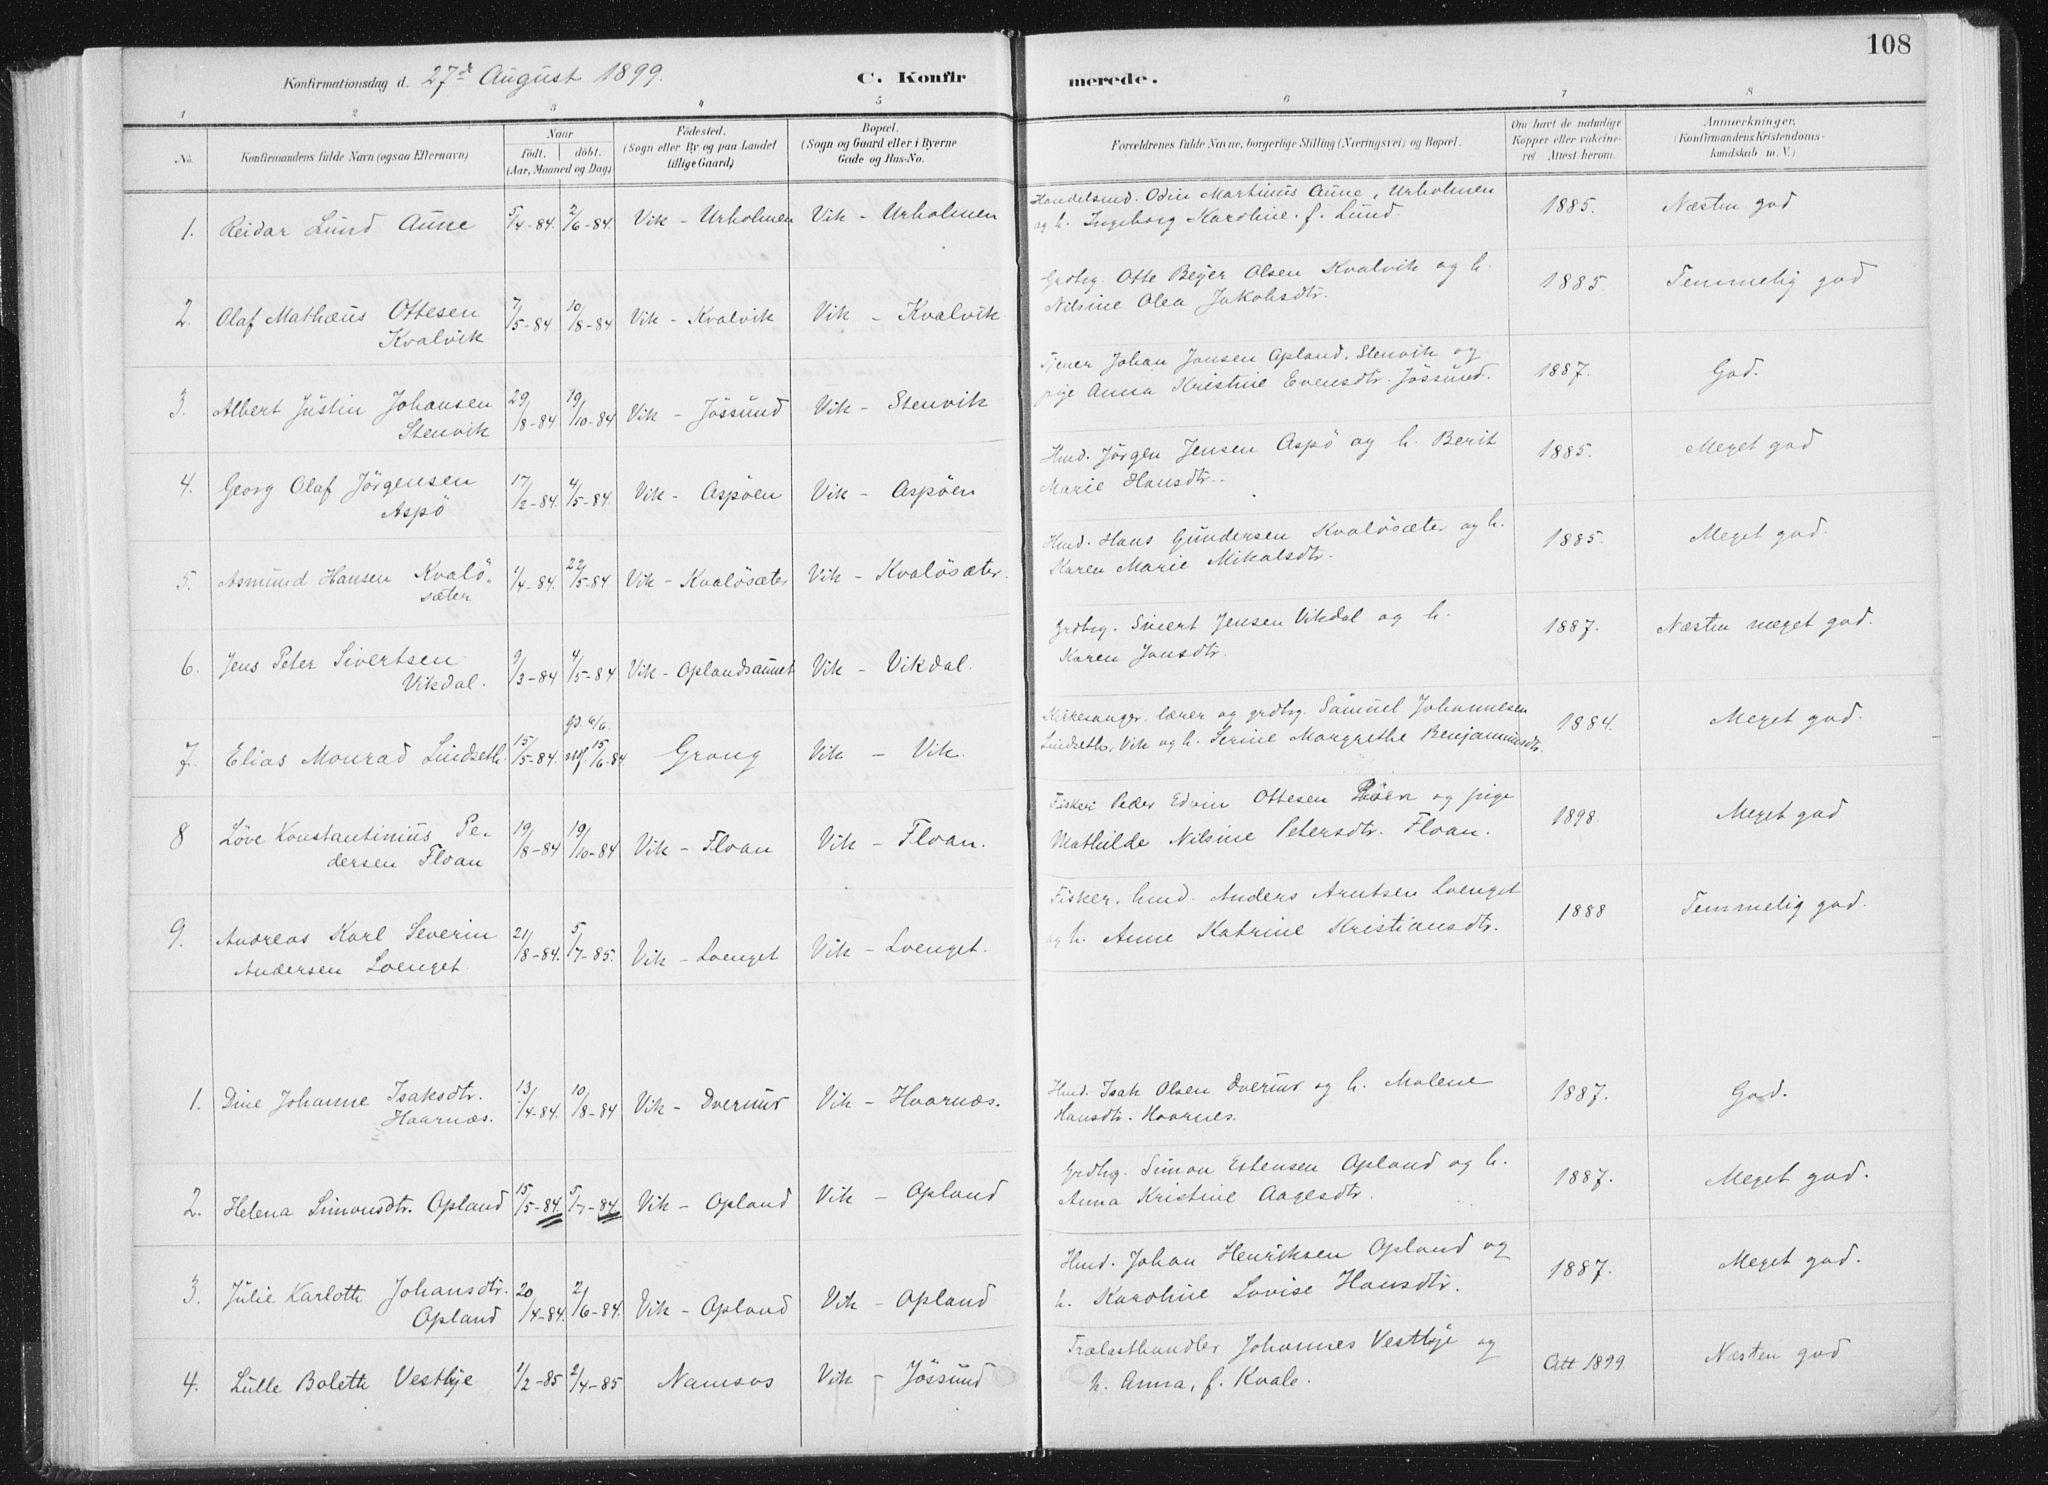 SAT, Ministerialprotokoller, klokkerbøker og fødselsregistre - Nord-Trøndelag, 771/L0597: Ministerialbok nr. 771A04, 1885-1910, s. 108